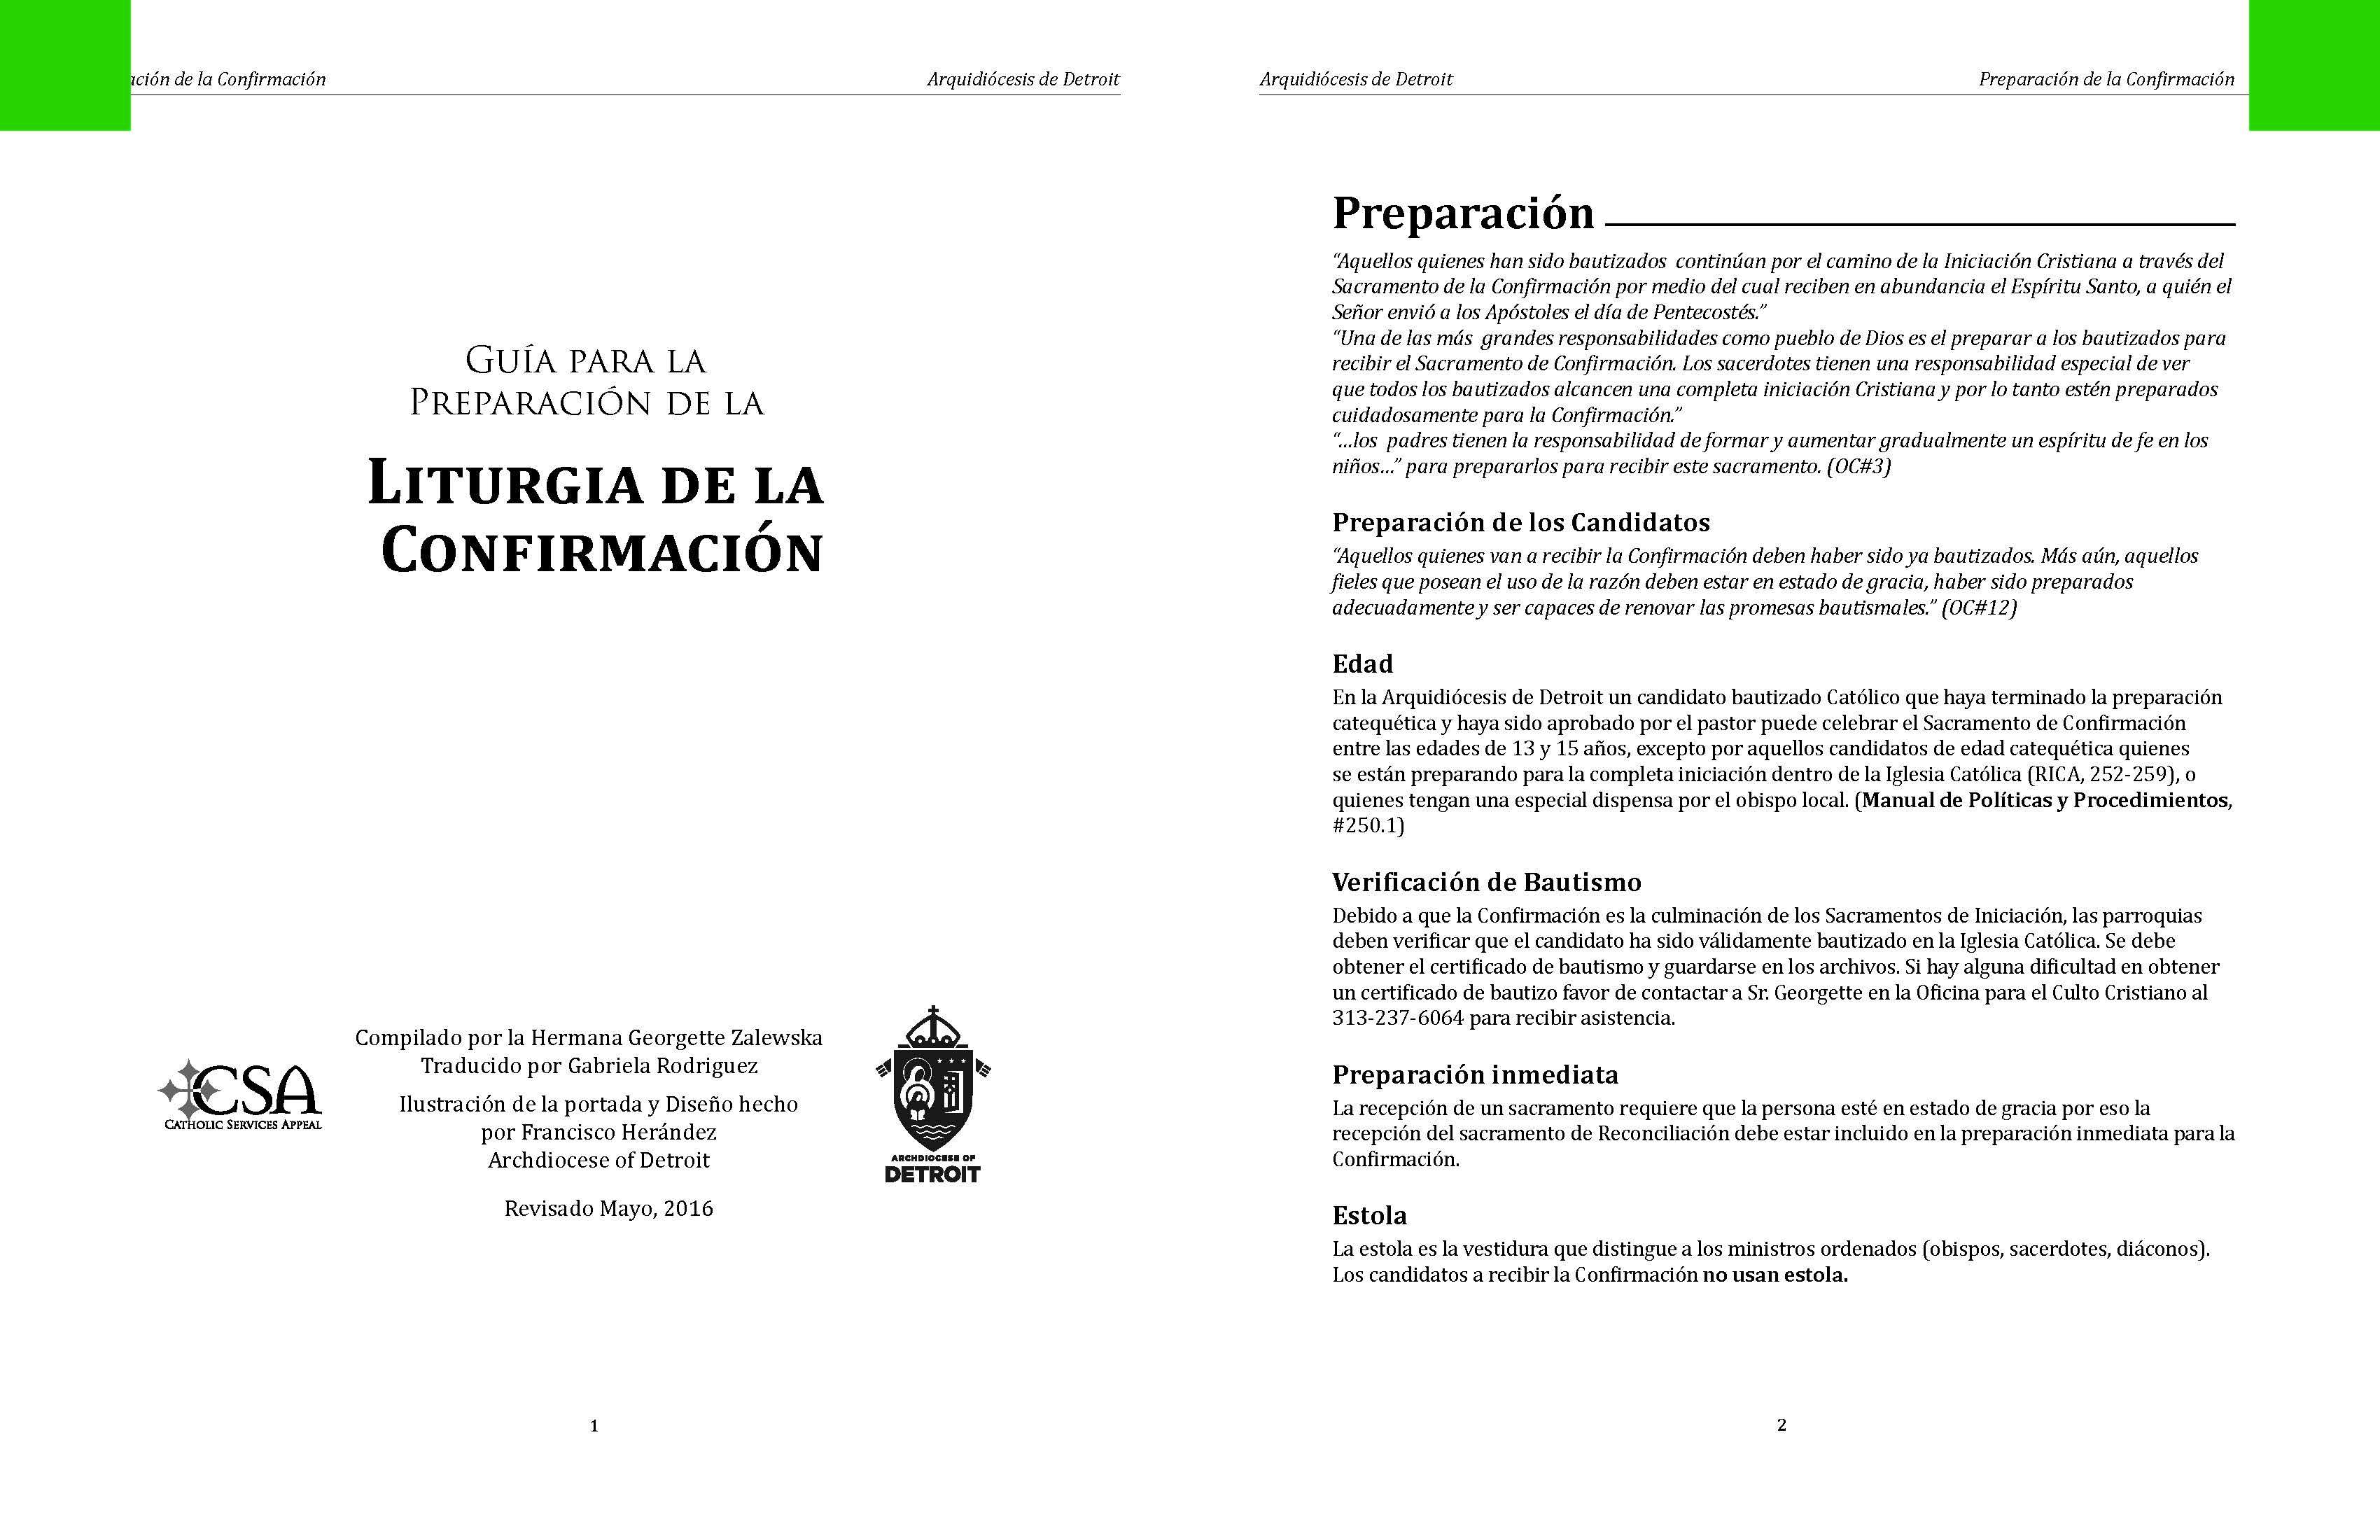 Guía para la Preparación de la Liturgia de la Confirmación